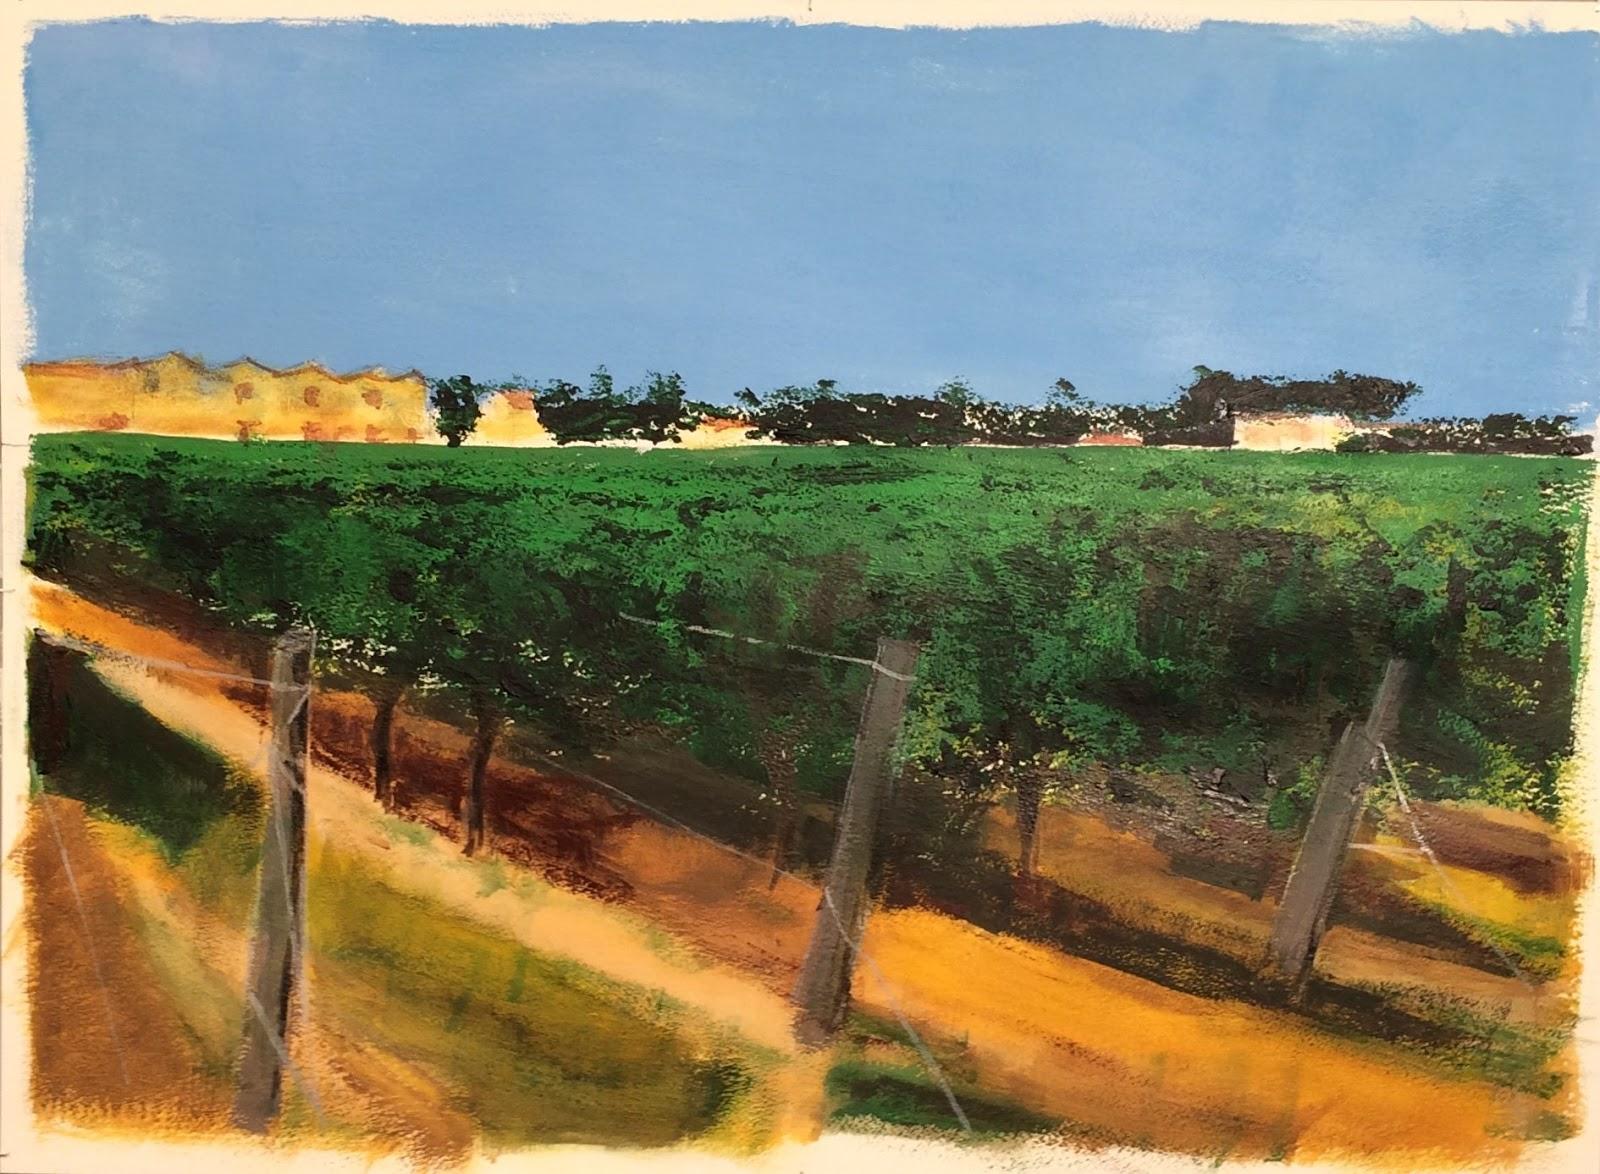 N°3022 - Vigne d'été à l'Enclos de la Croix - Acrylique et pigments sur papier - 75 x 56 cm - 10 août 2016